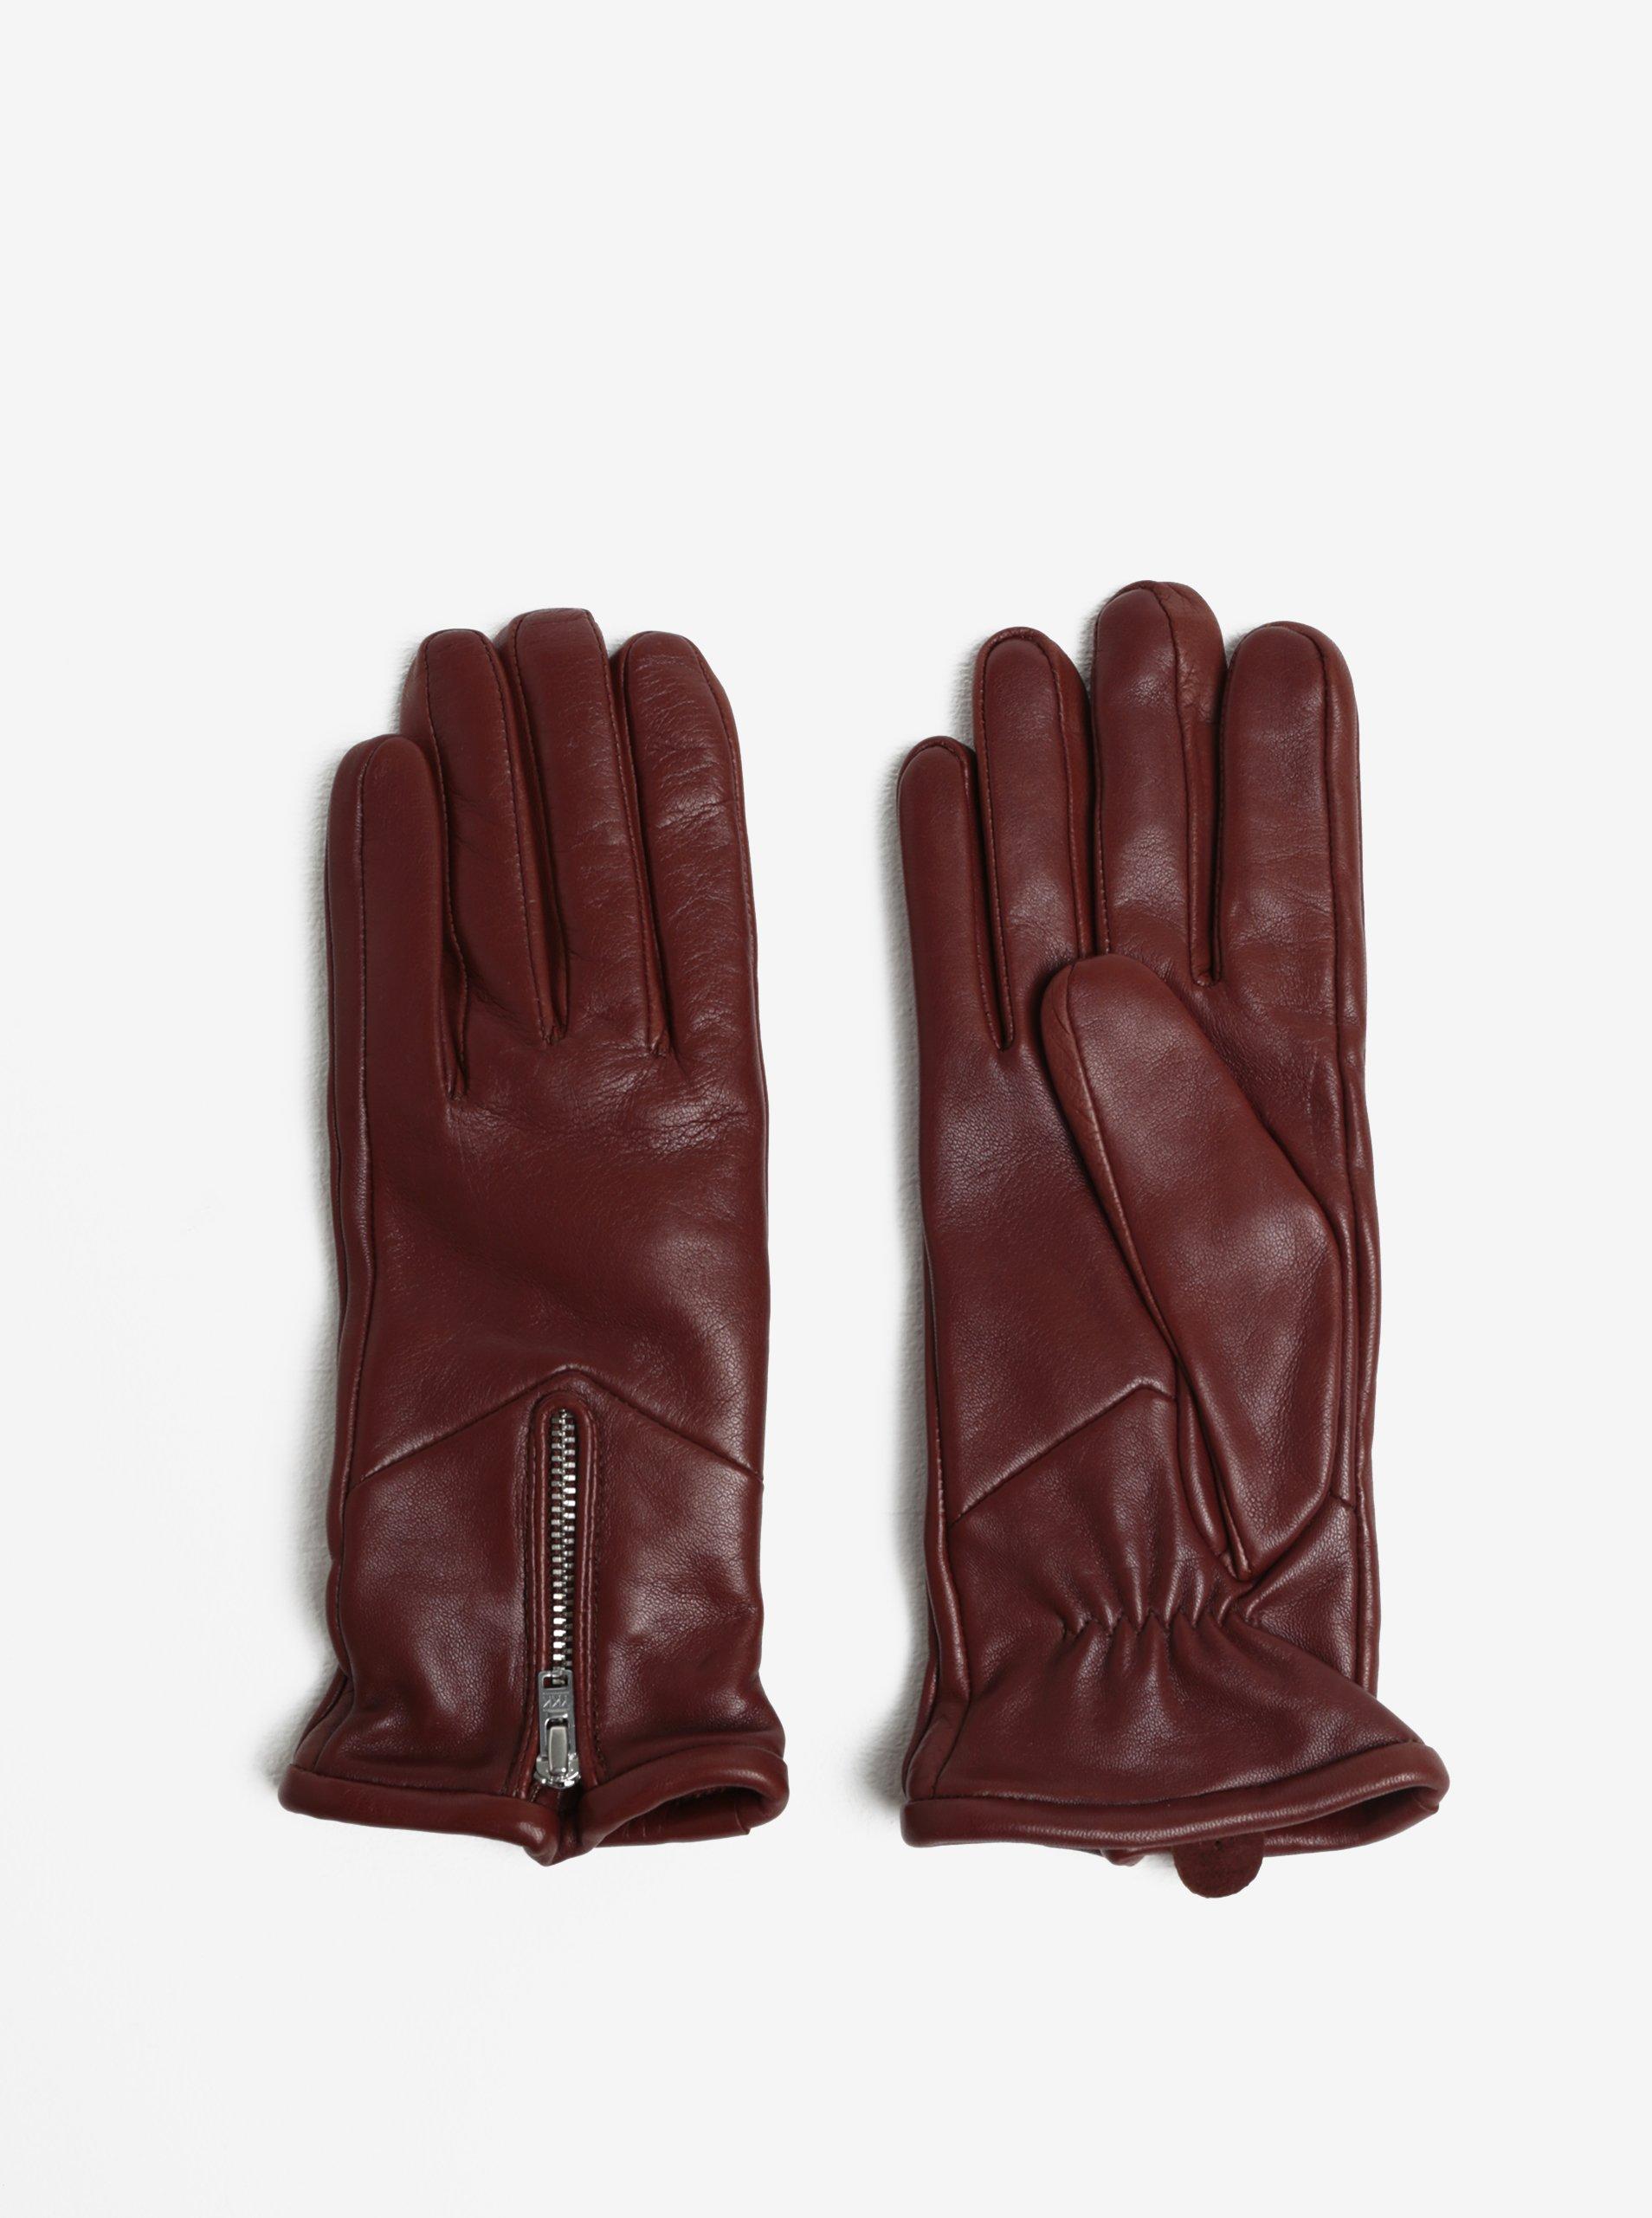 Hnědé dámské kožené rukavice se zipem a kašmírovou podšívkou Royal RepubliQ